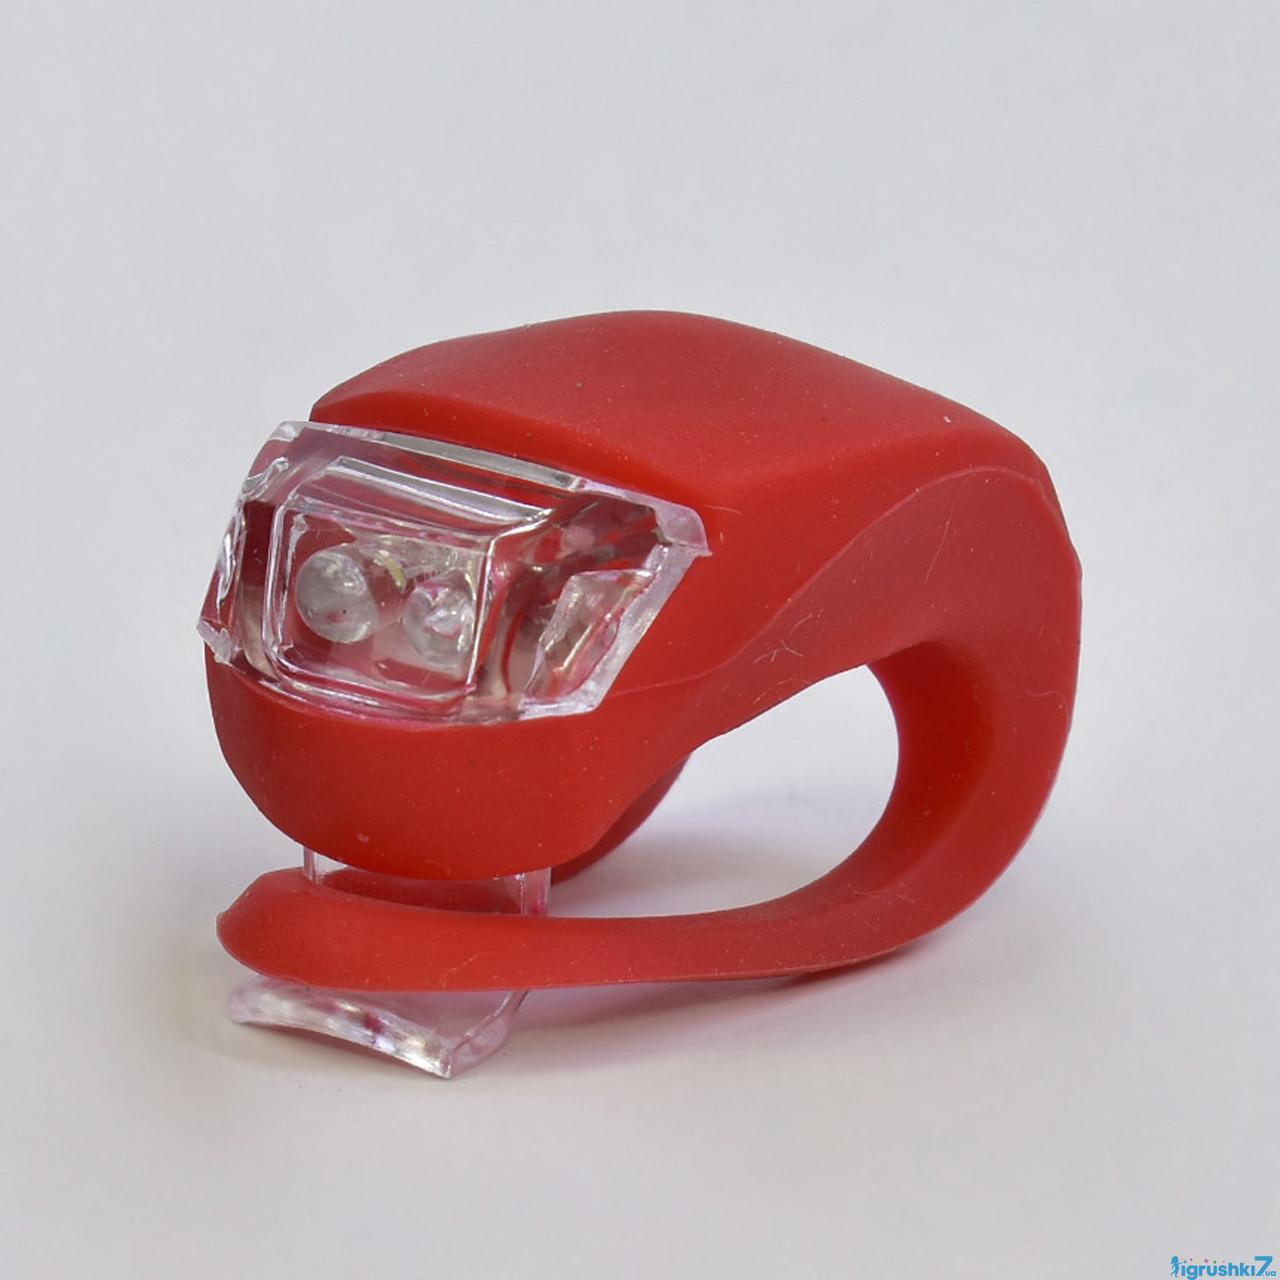 Фара светодиодная LED 1518-33 3 режима свечения Цвет черный Гарантия качества Быстрая доставка